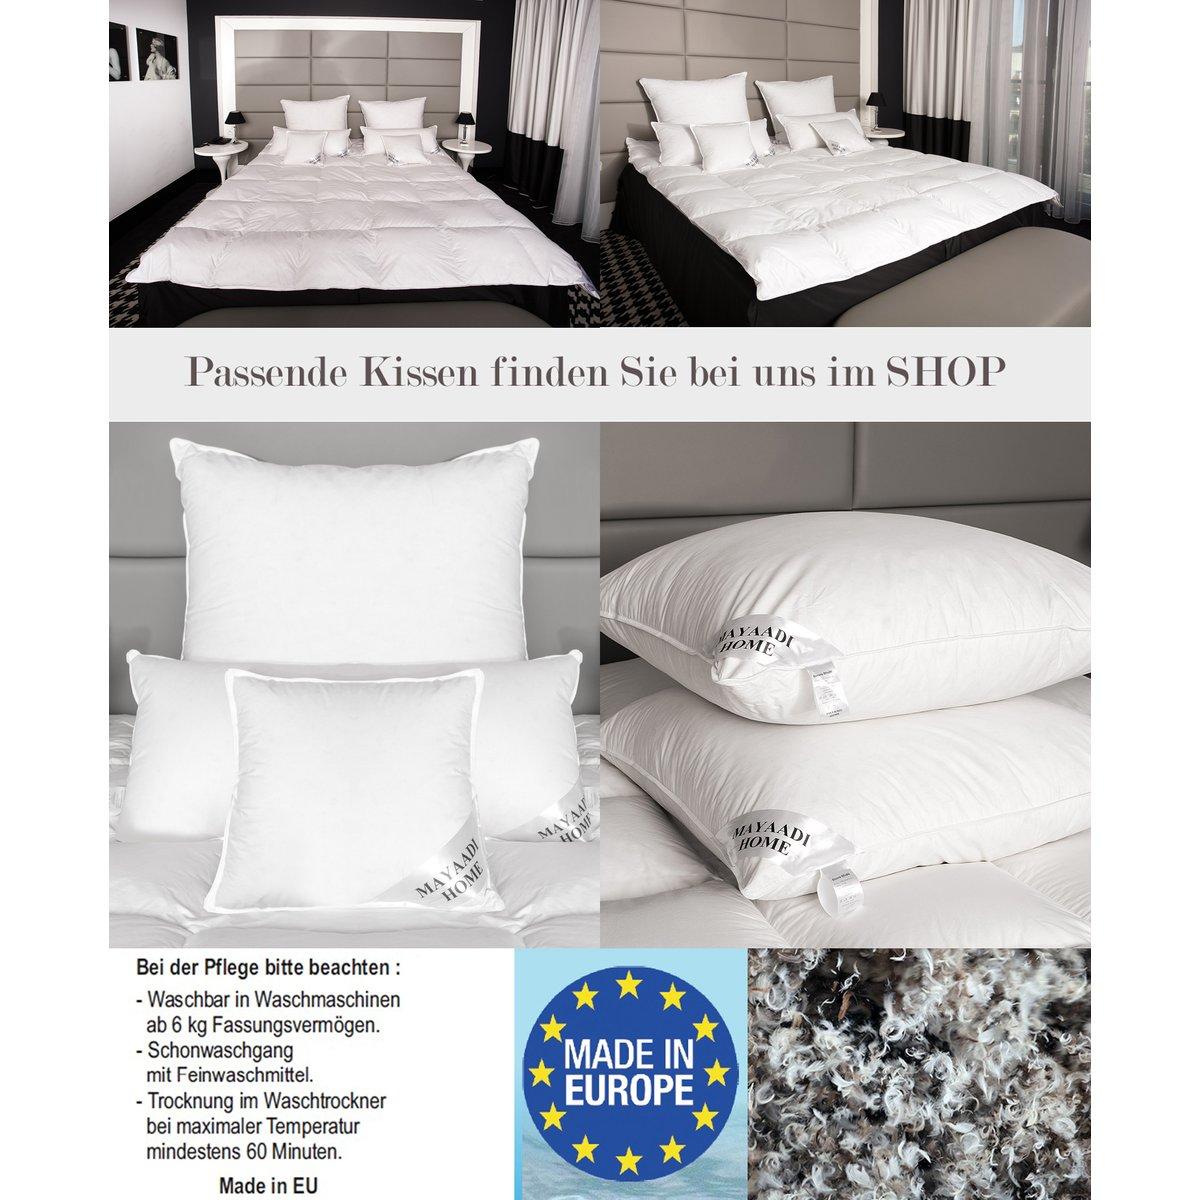 hs82 winter daunendecke bettdecke federn decke 15 daunen 200x220 26 74 90. Black Bedroom Furniture Sets. Home Design Ideas